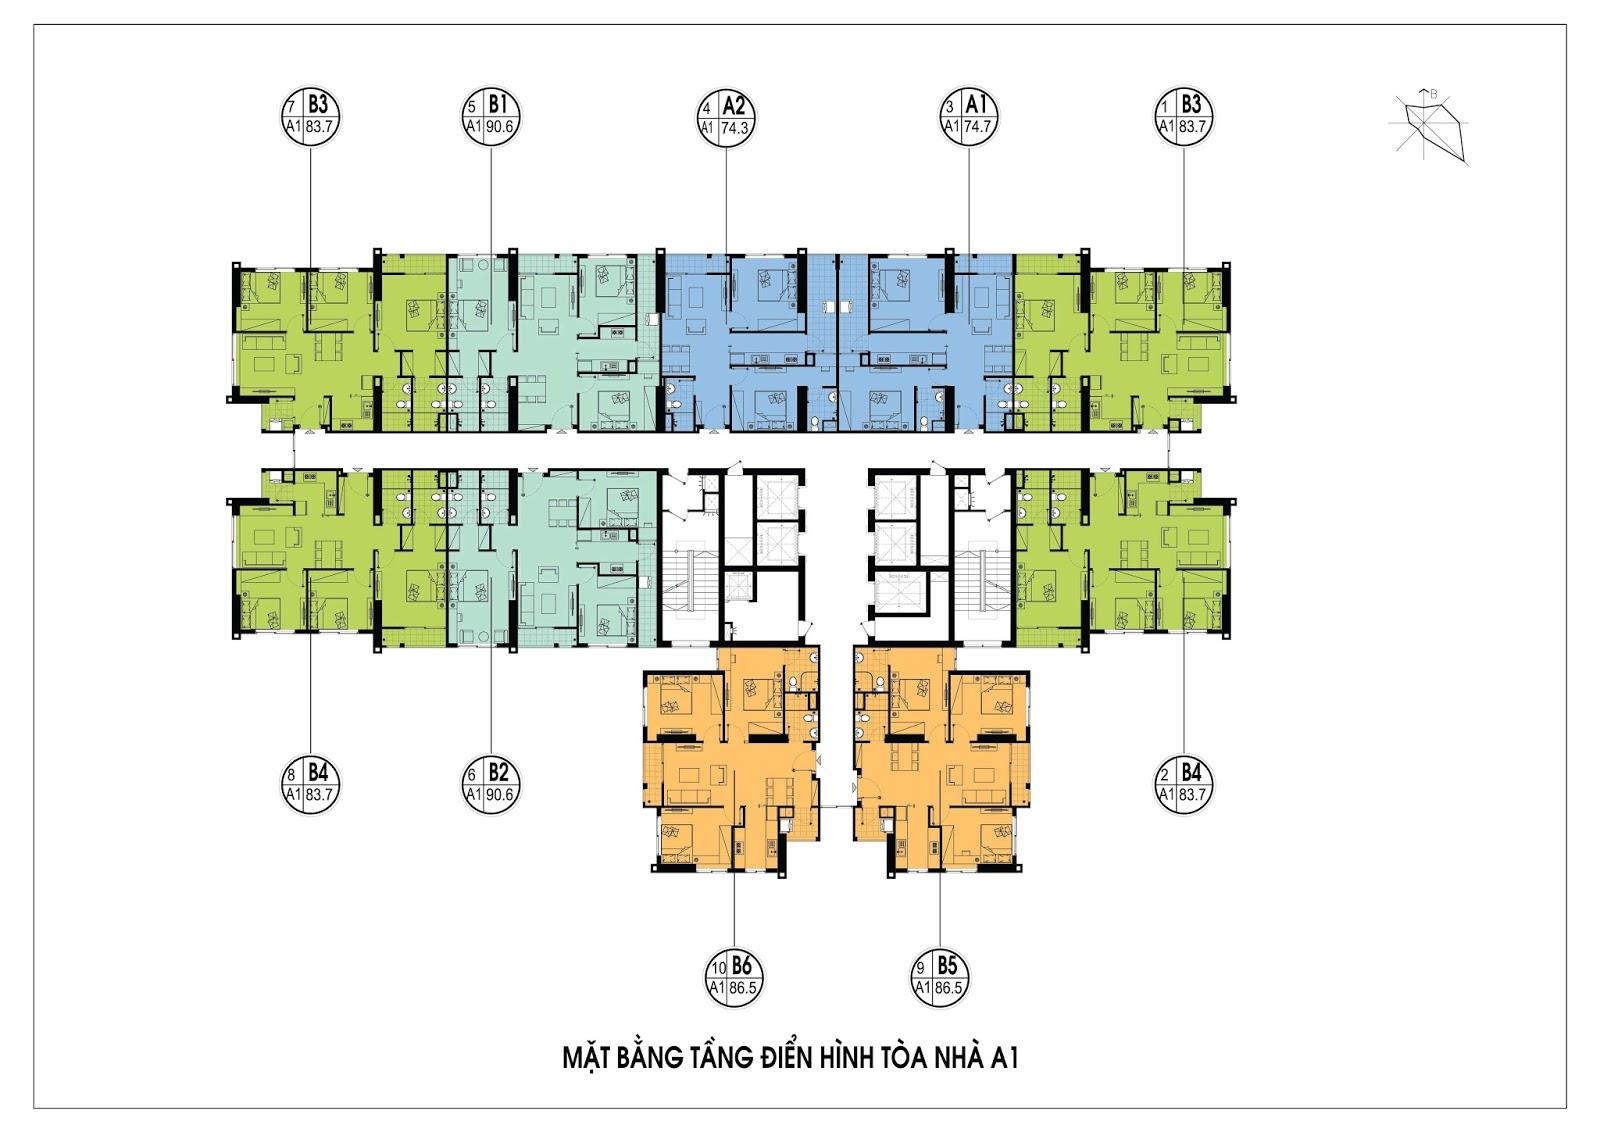 Thiết kế mặt bằng điển hình tòa A1 - An Bình City